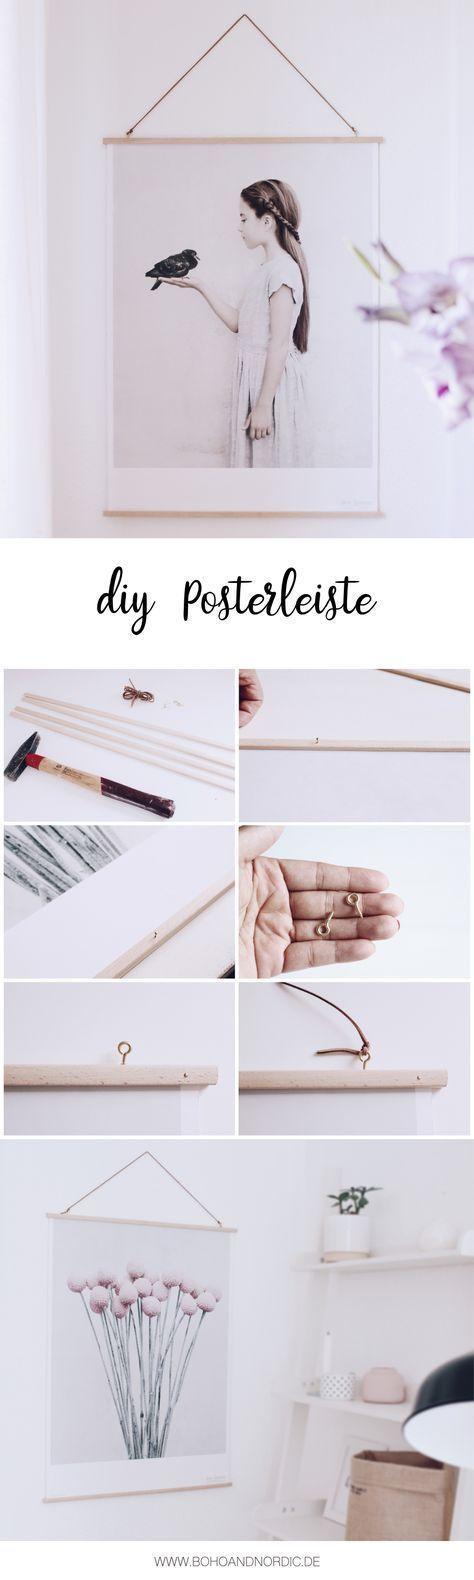 {Anzeige} DIY Posterleiste aus Holz